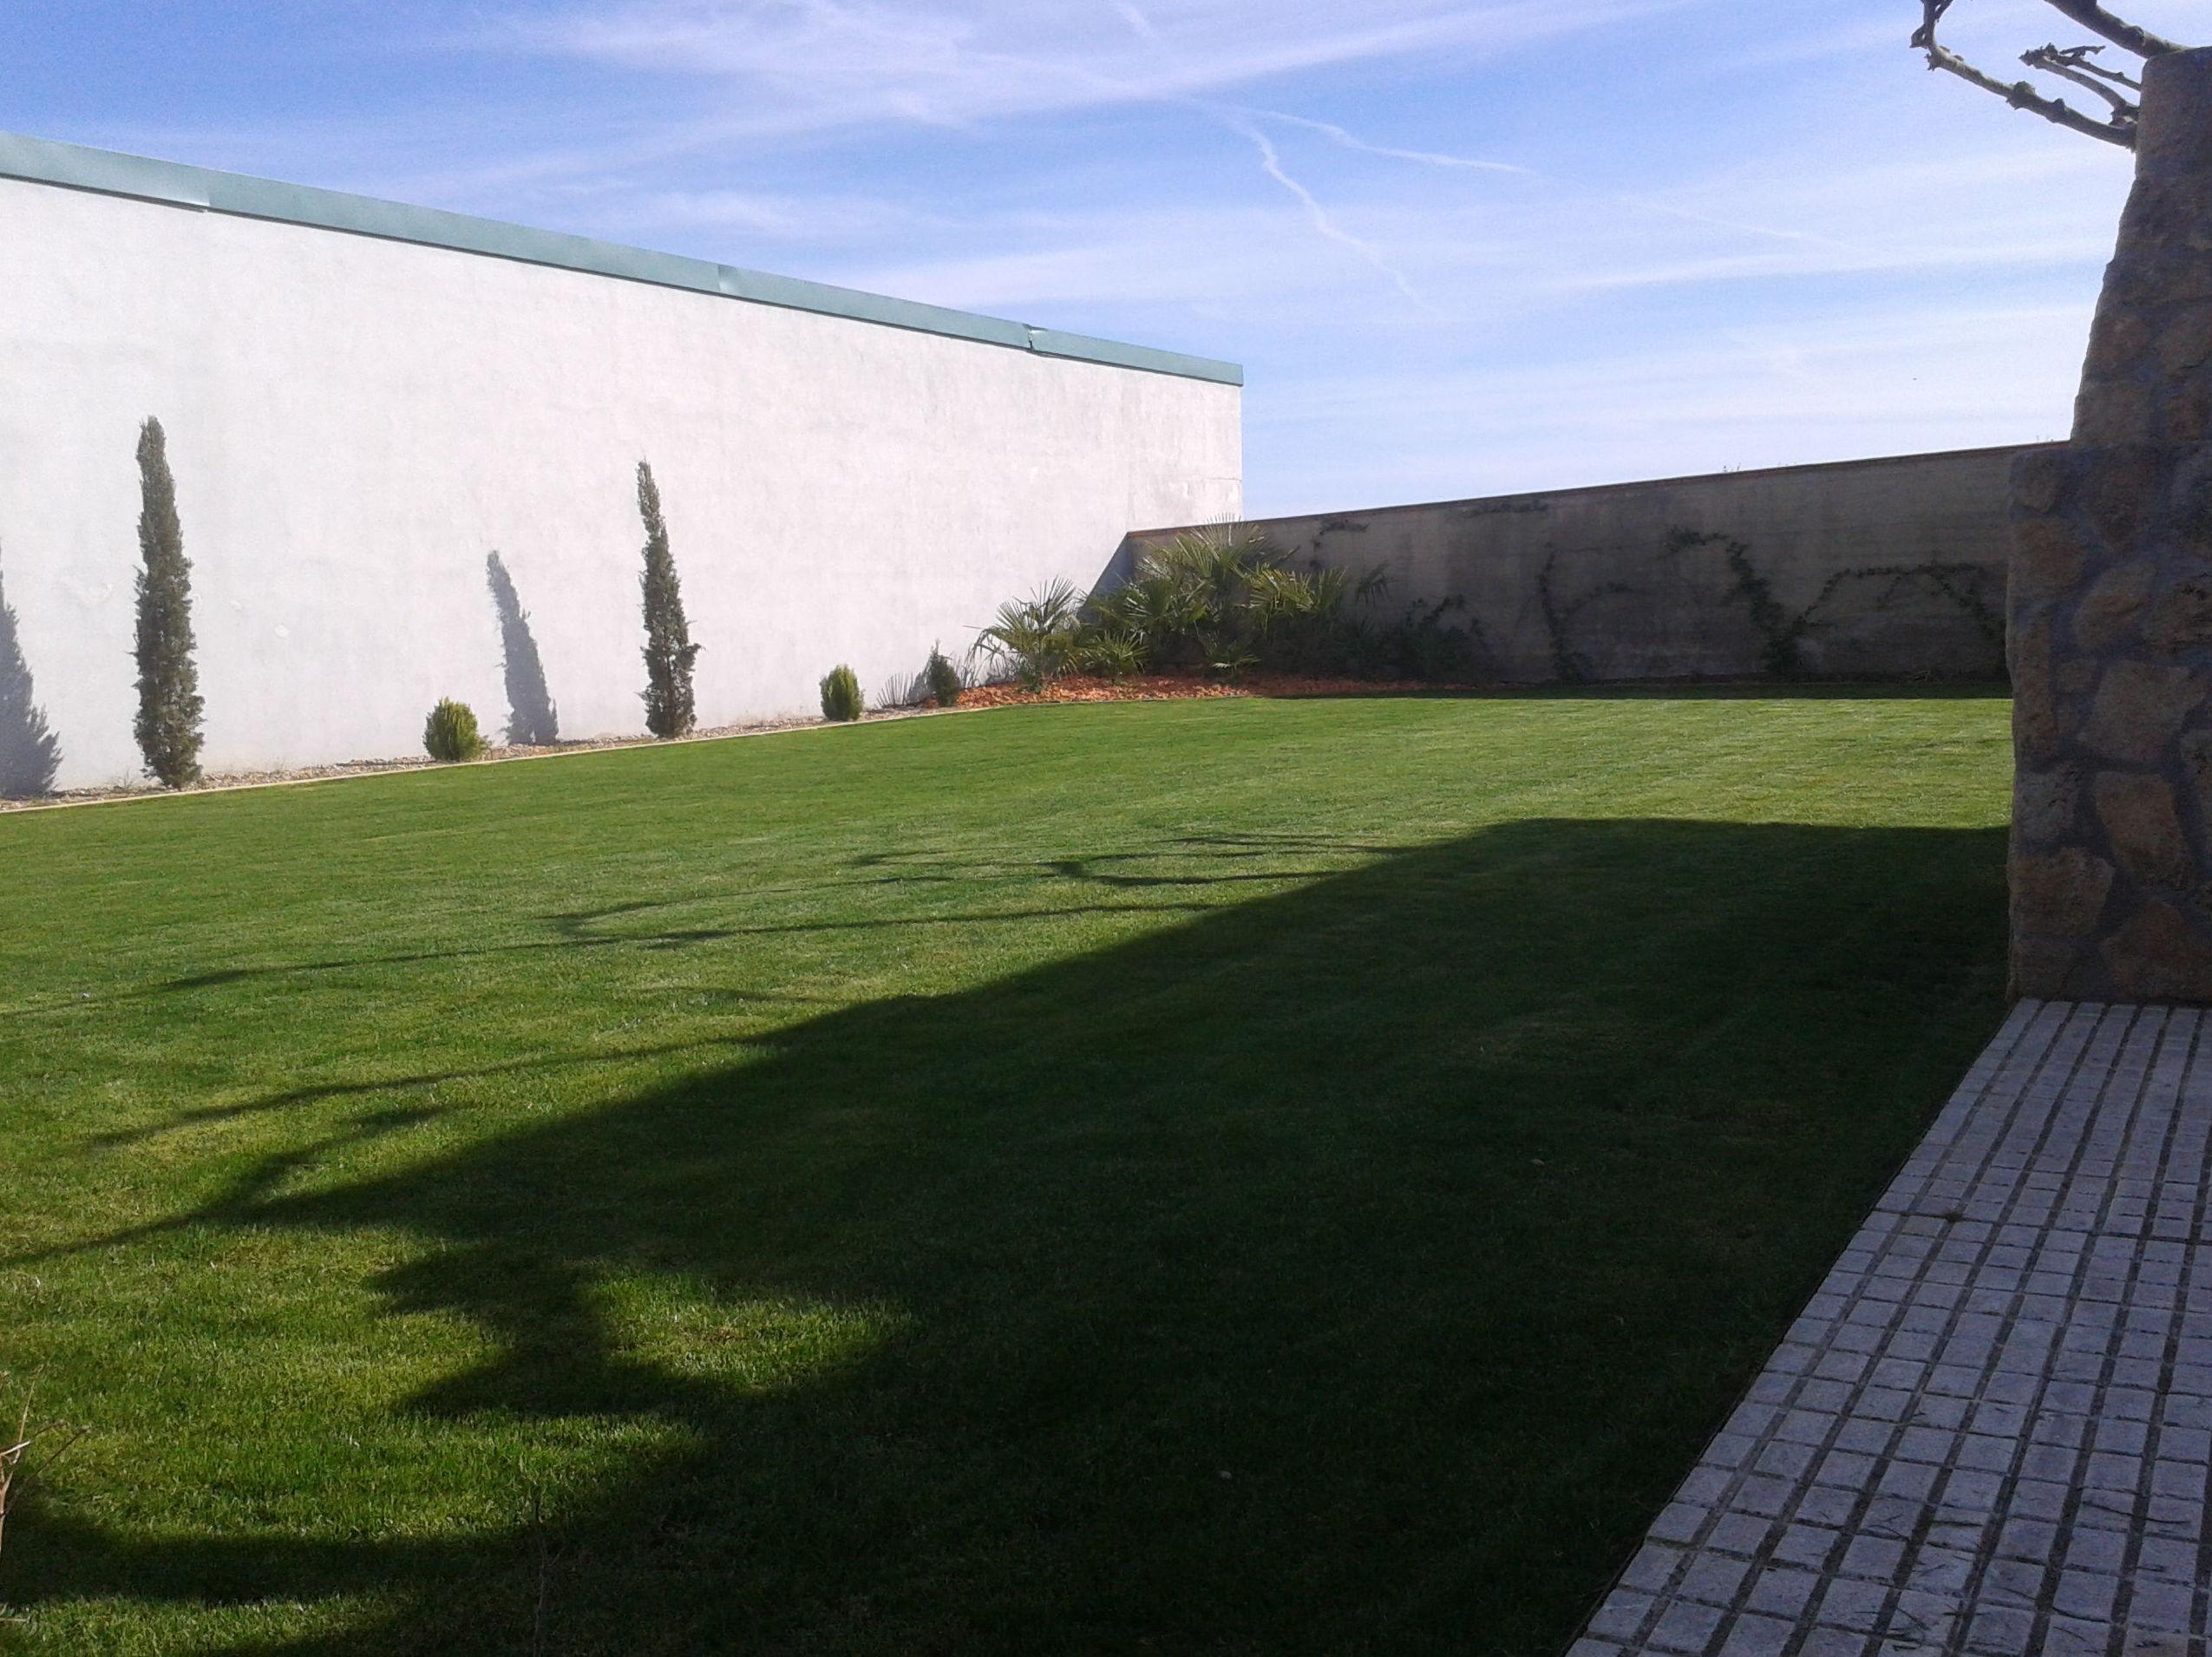 Foto 9 de Jardines (diseño y mantenimiento) en Corrales | Jardiner Zamora